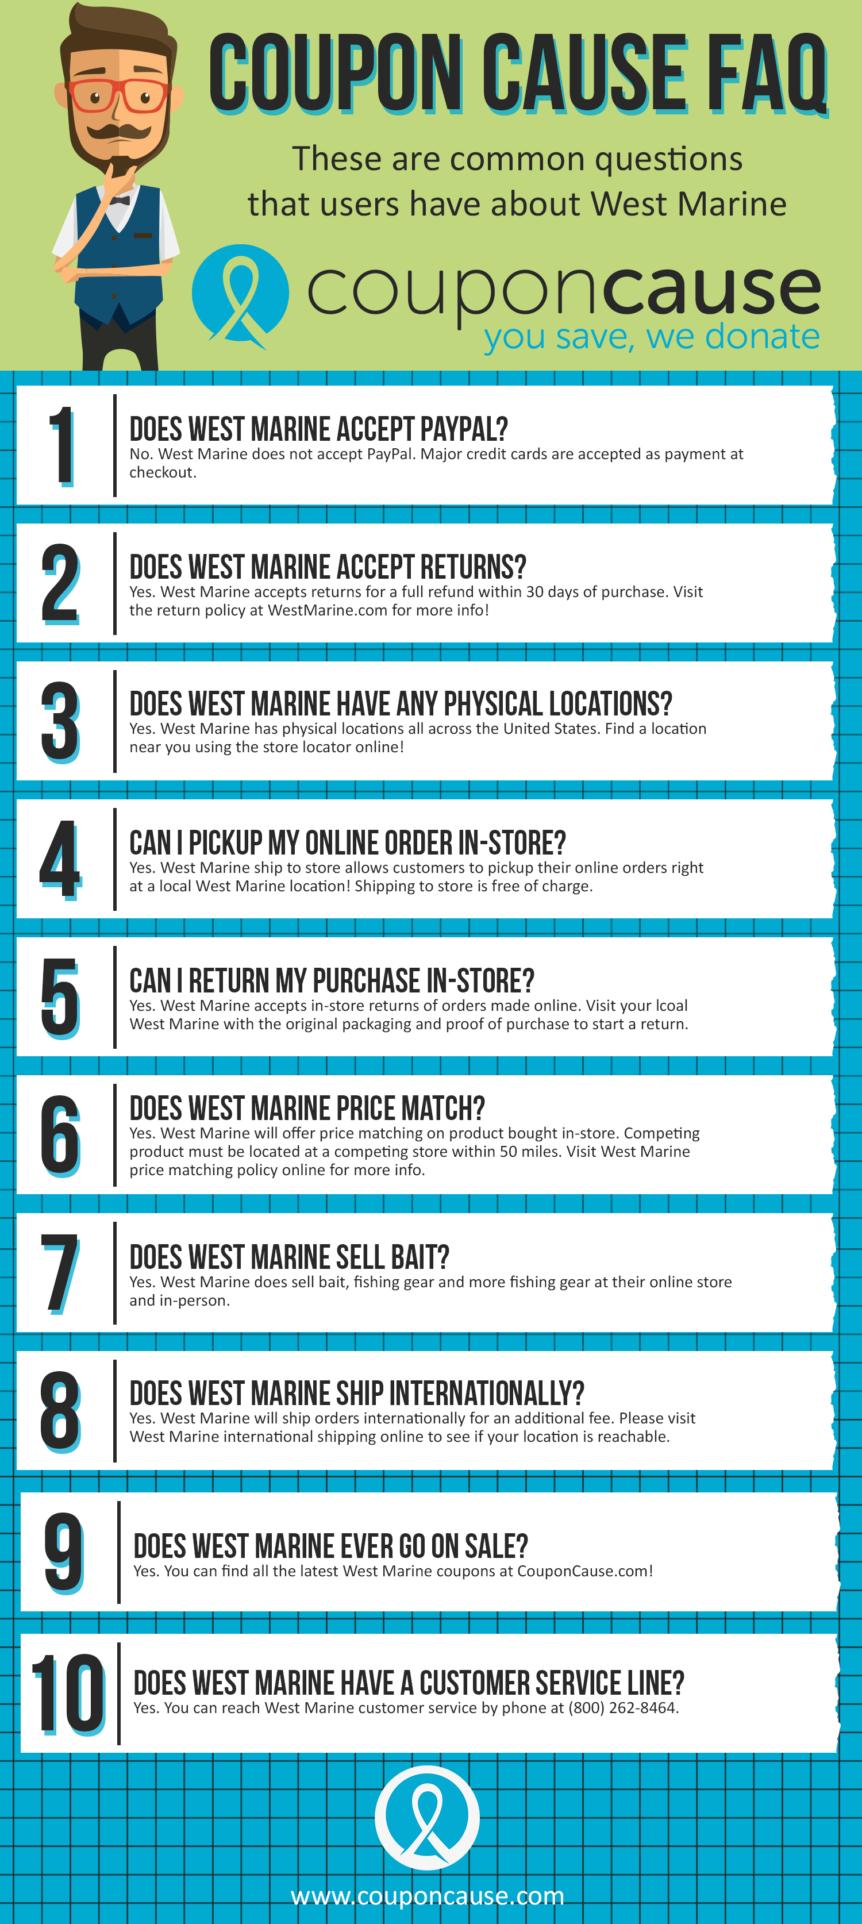 West Marine Coupon Cause FAQ (C.C. FAQ)